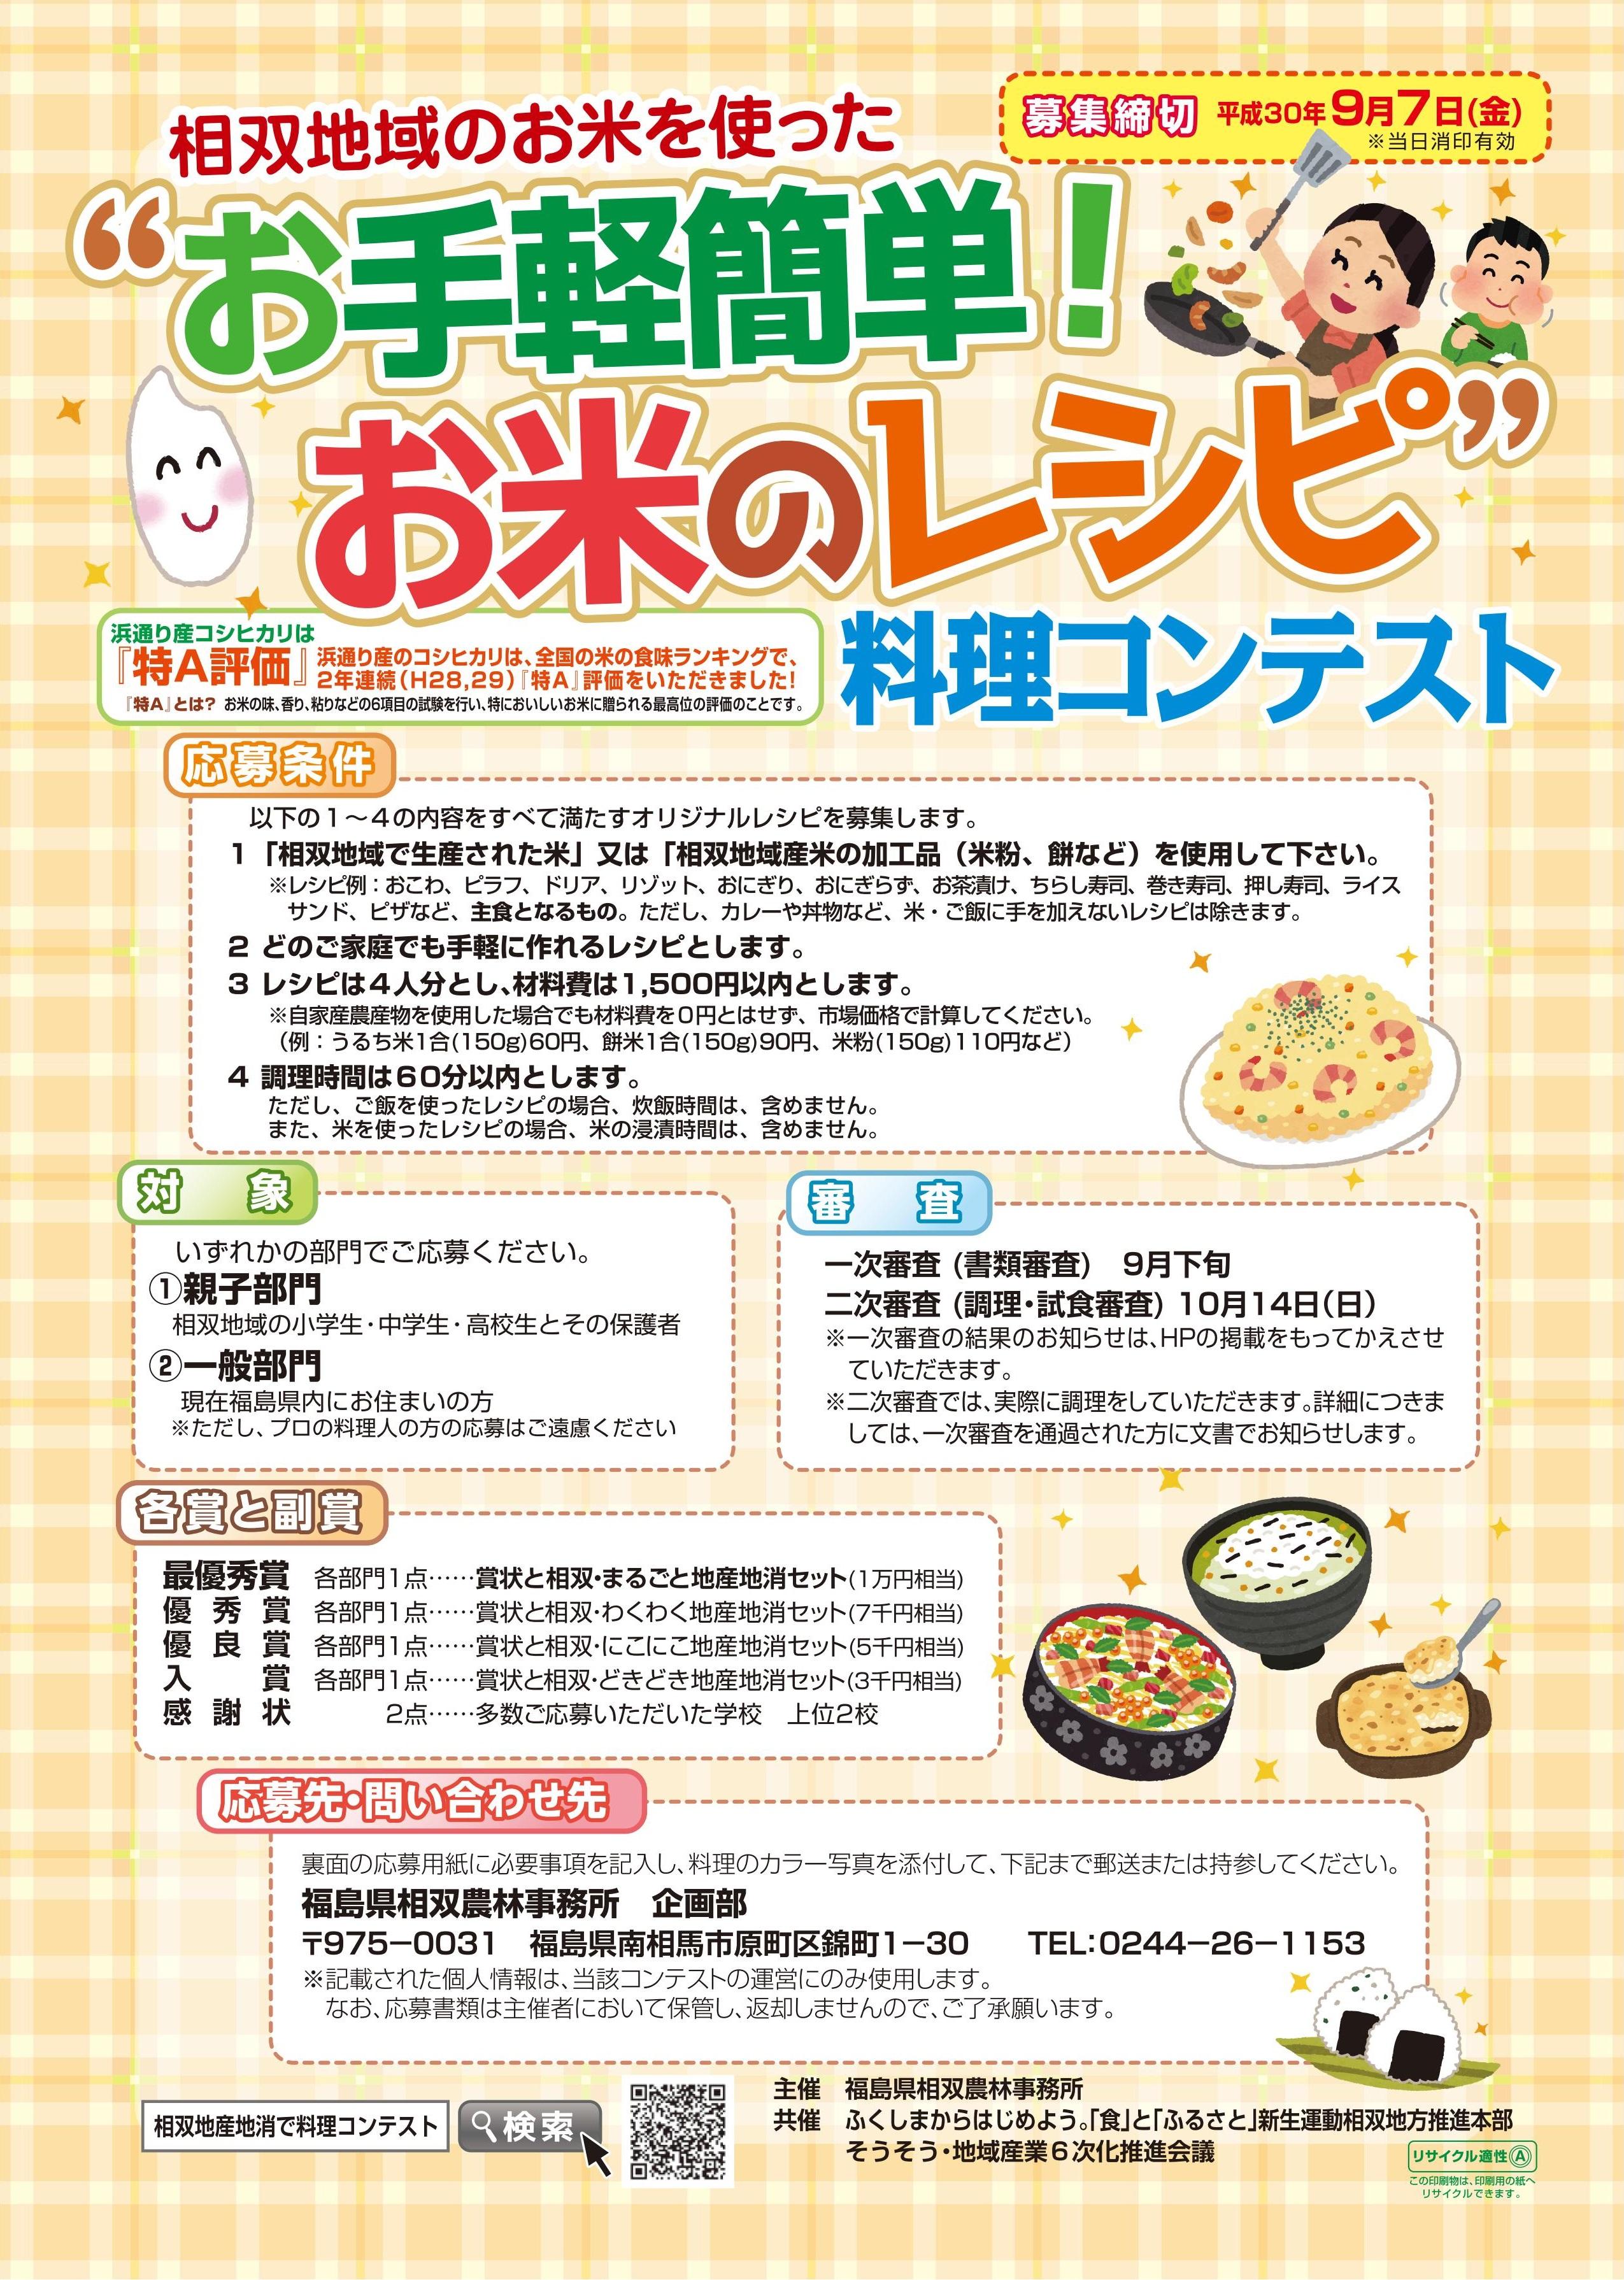 """2018相双地域のお米を使った""""お手軽簡単!お米のレシピ""""料理コンテスト"""